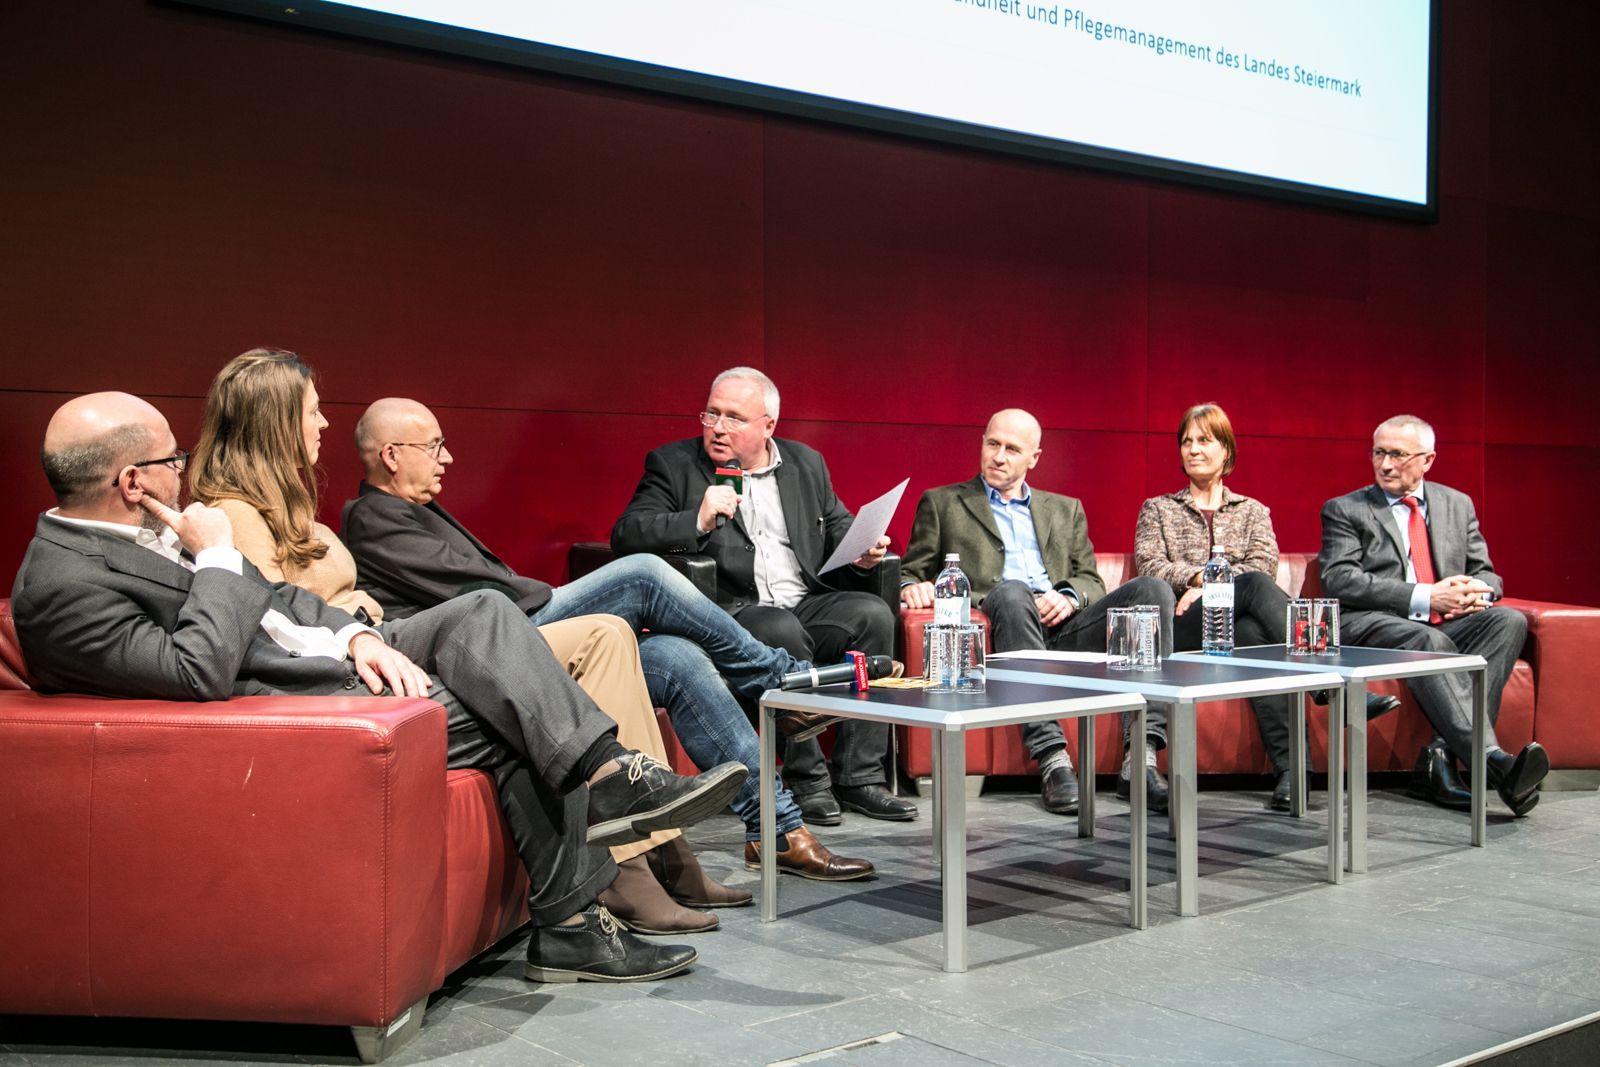 Christian Schwarz, Christine Korak, Michael Lehofer, Heinz M. Fischer, Rainer Christ, Beate Salchinger und Karl Peter Pfeiffer